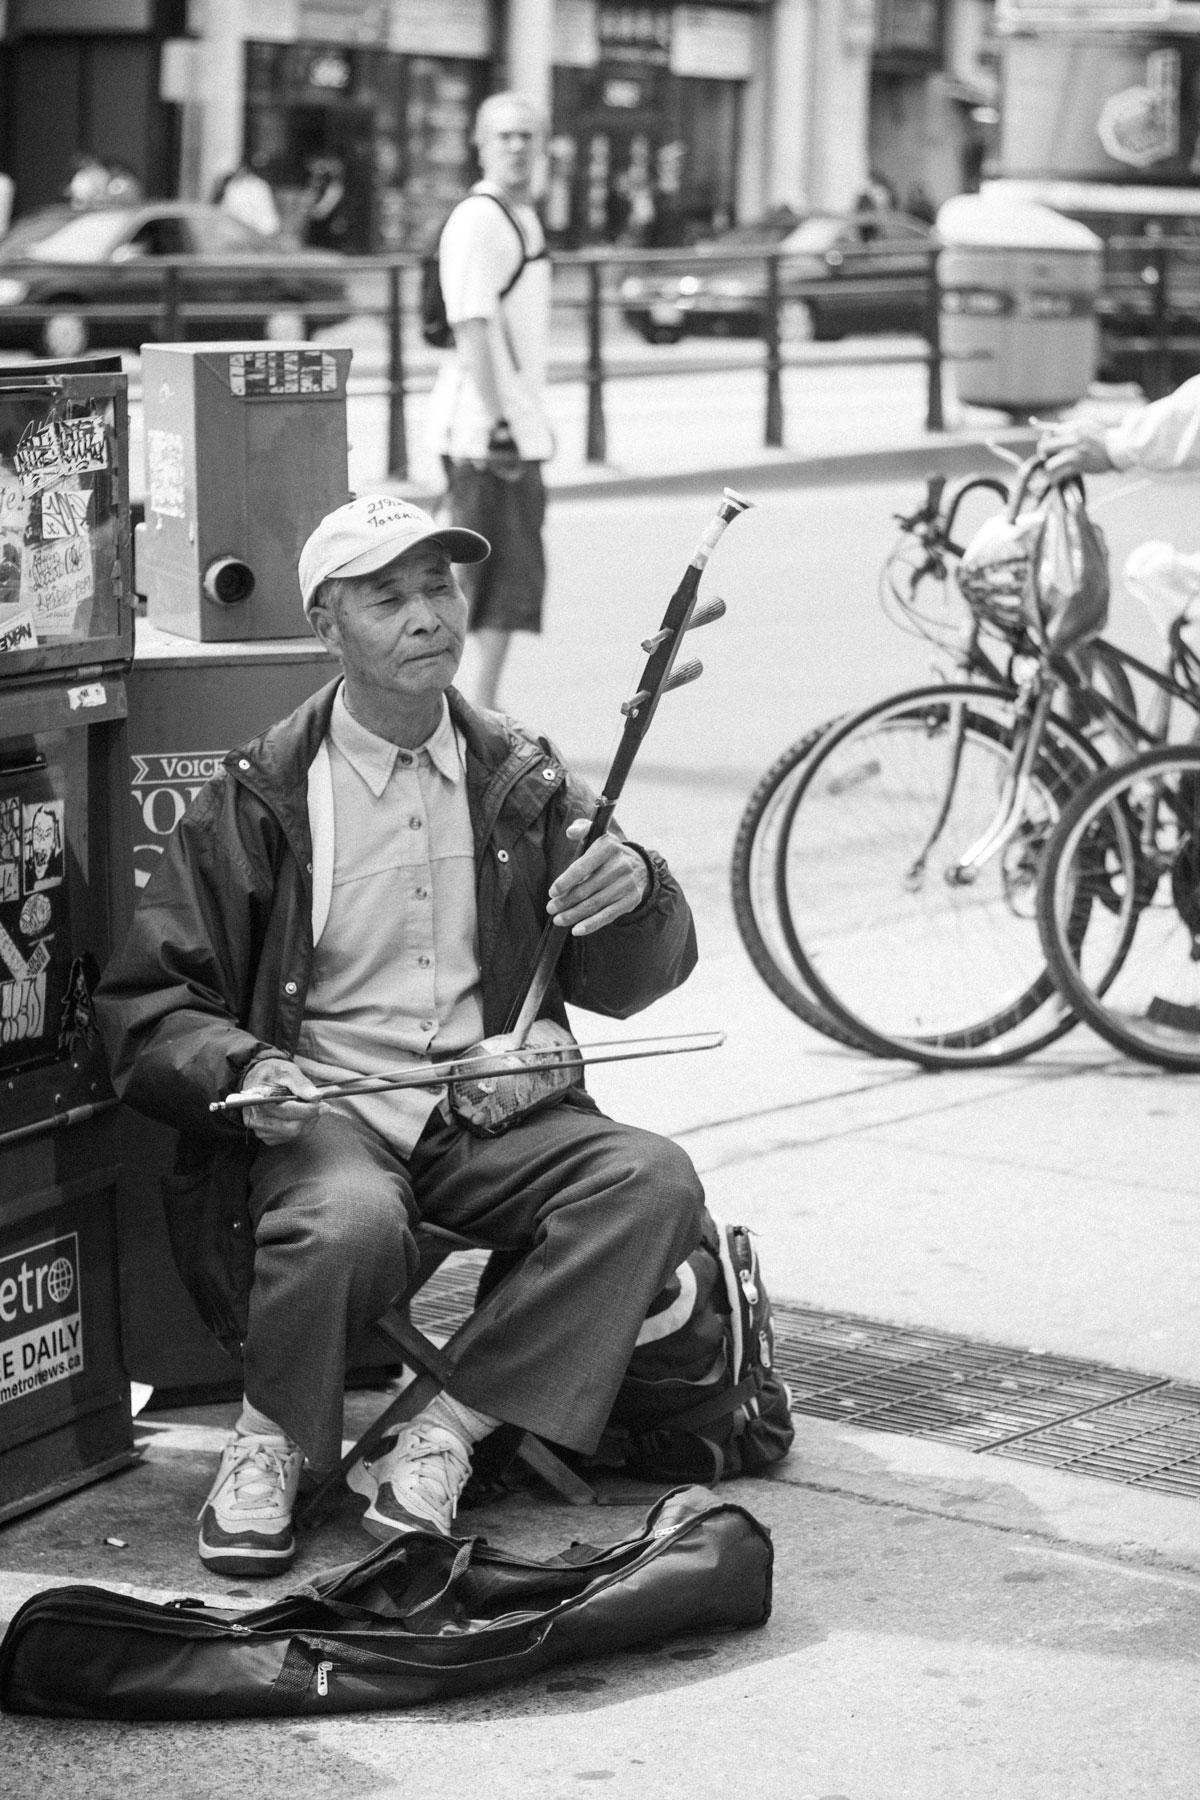 Fiddler in the Street